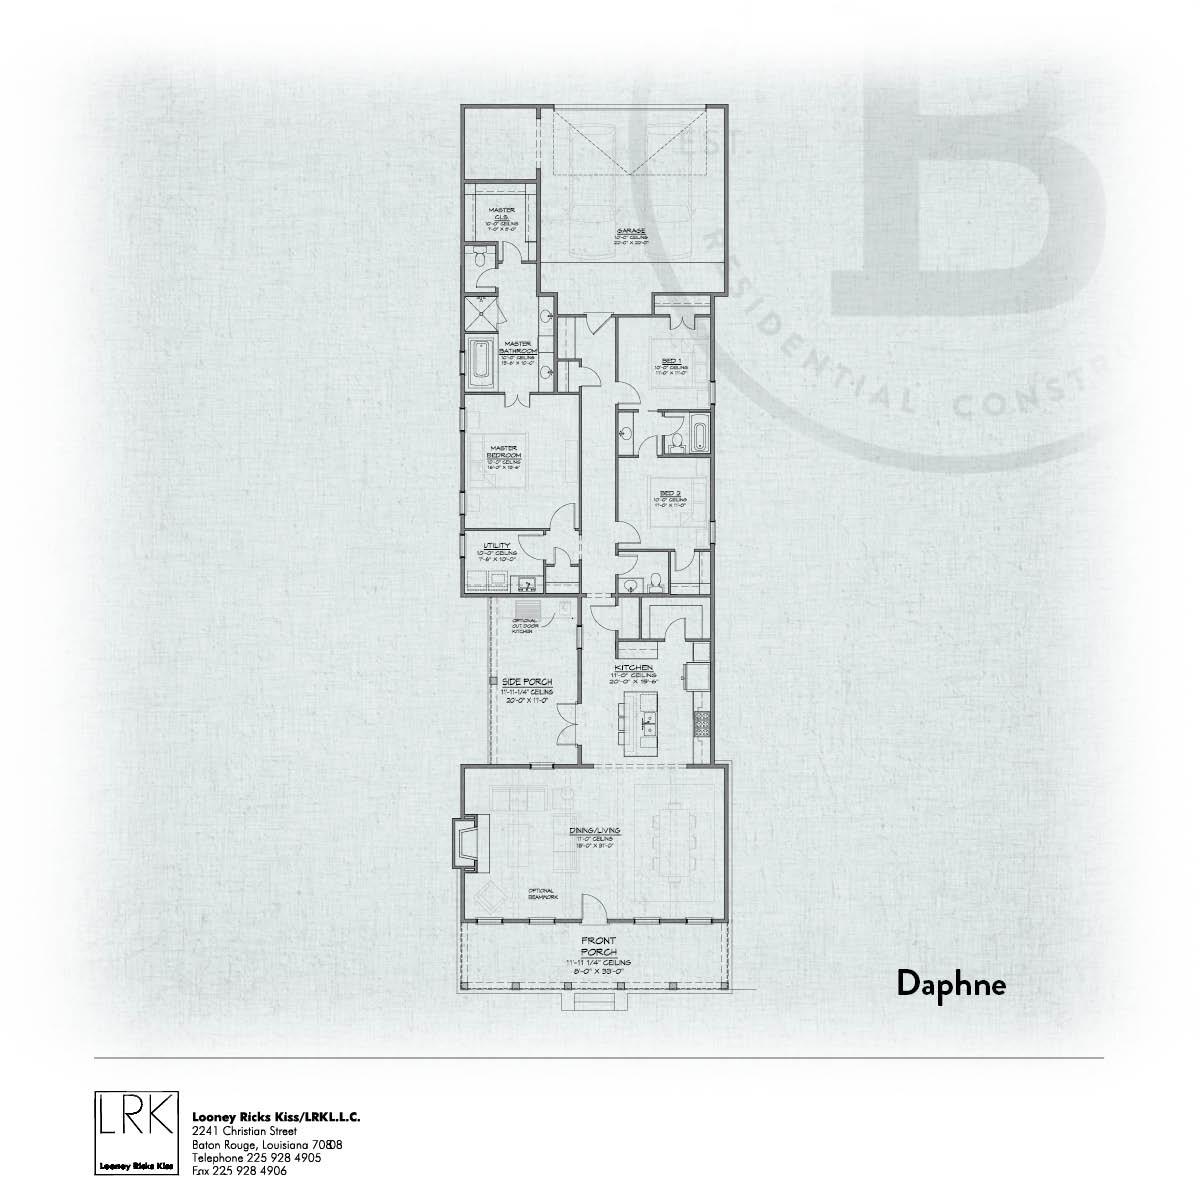 Daphne Floorplan